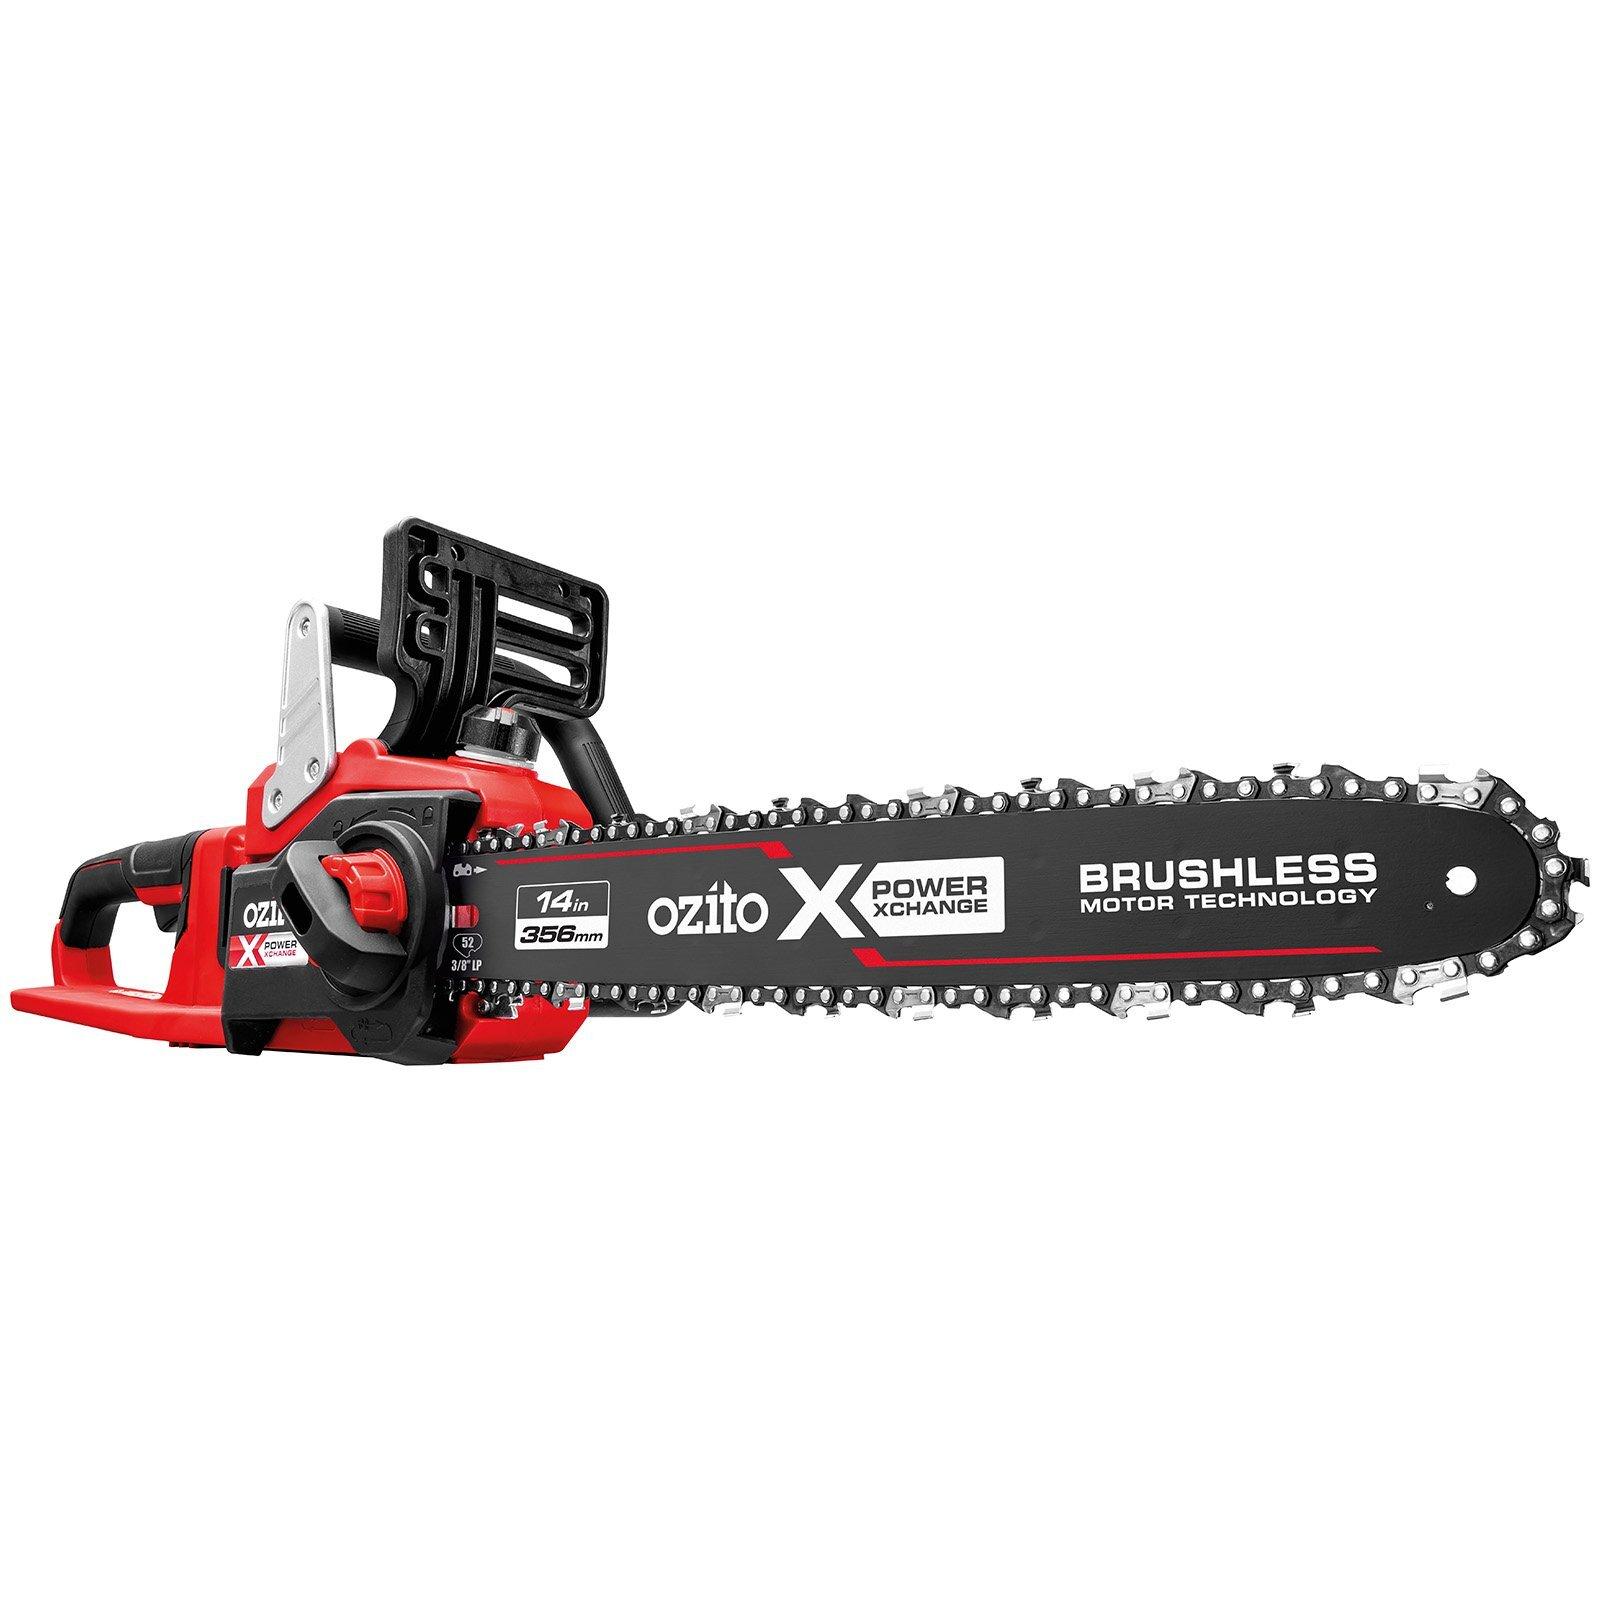 Ozito PXC 2 x 18V Brushless Chainsaw - Skin Only